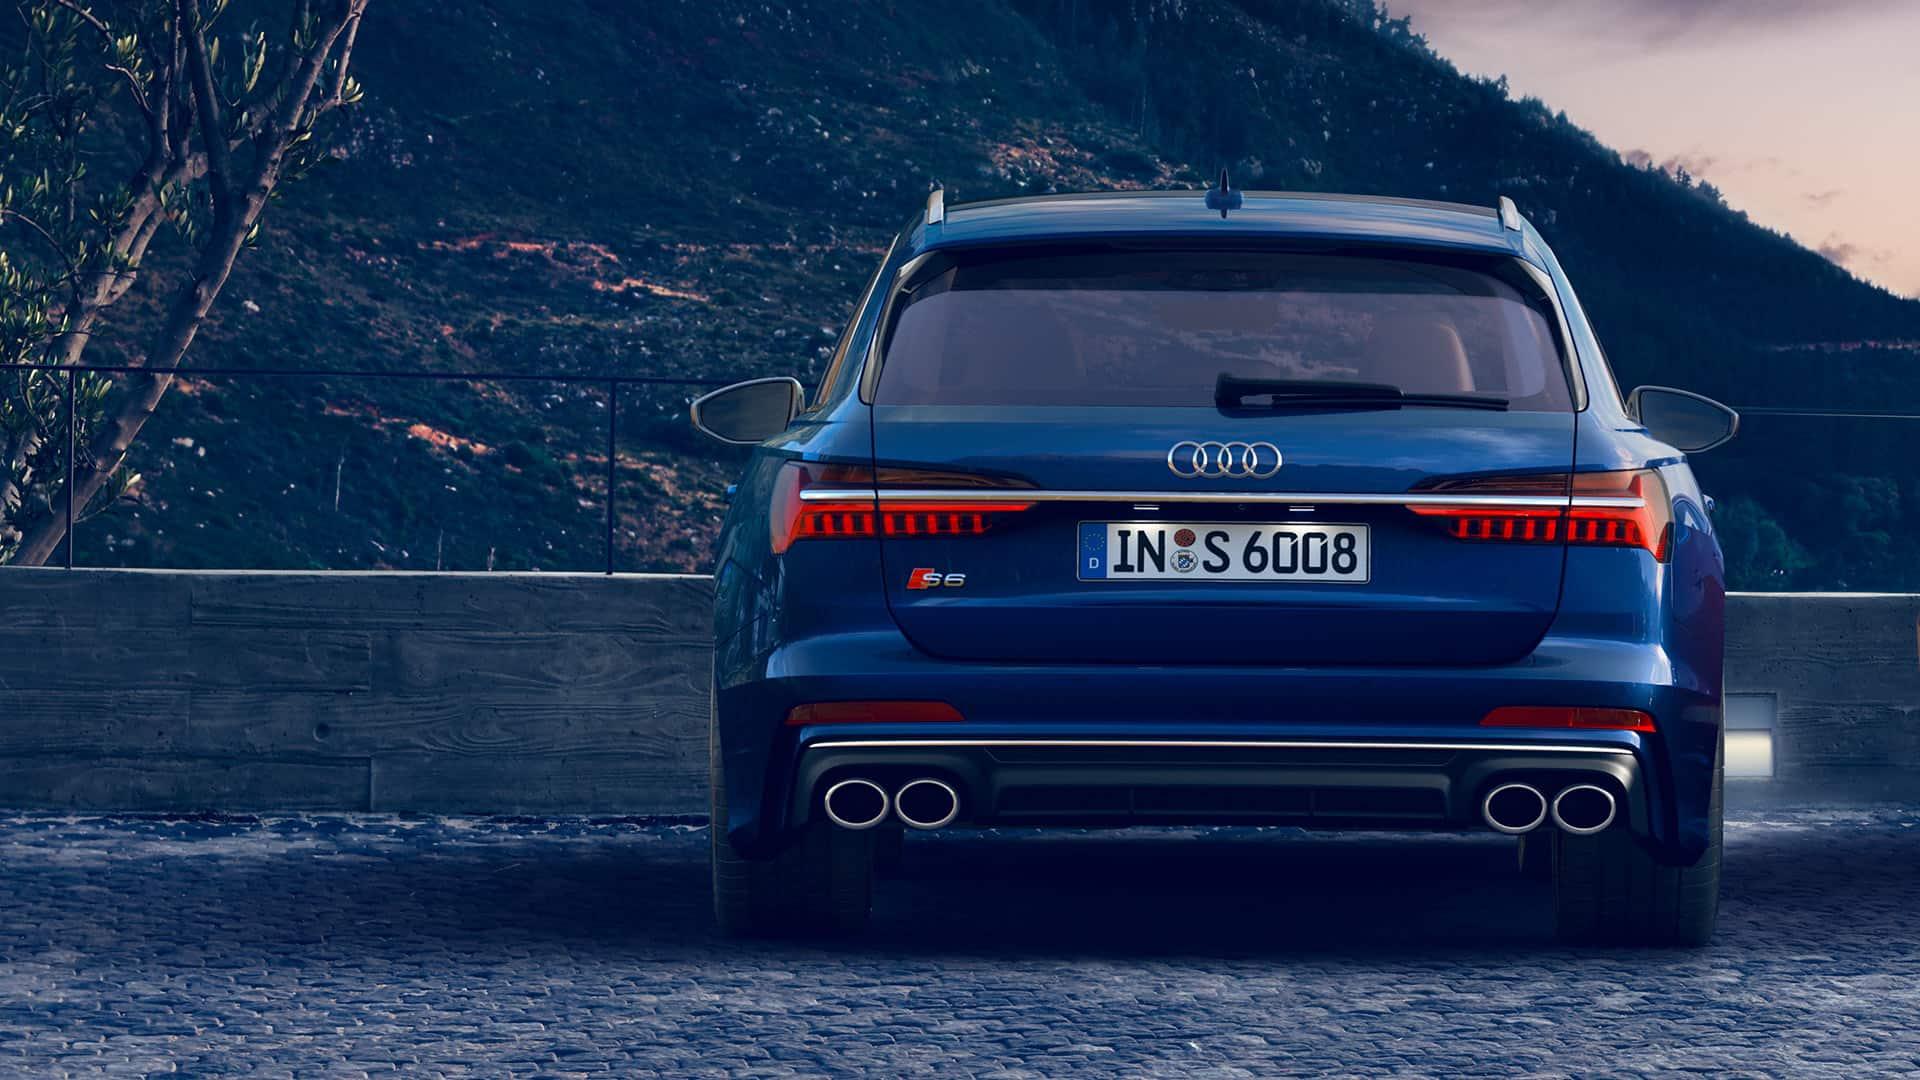 2020 Audi S6 Prices